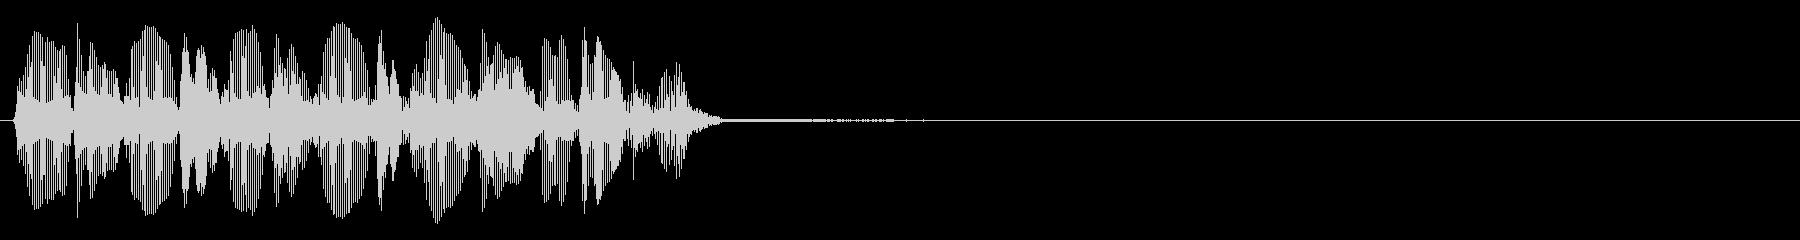 トロンボーン:クイックトリル、漫画...の未再生の波形